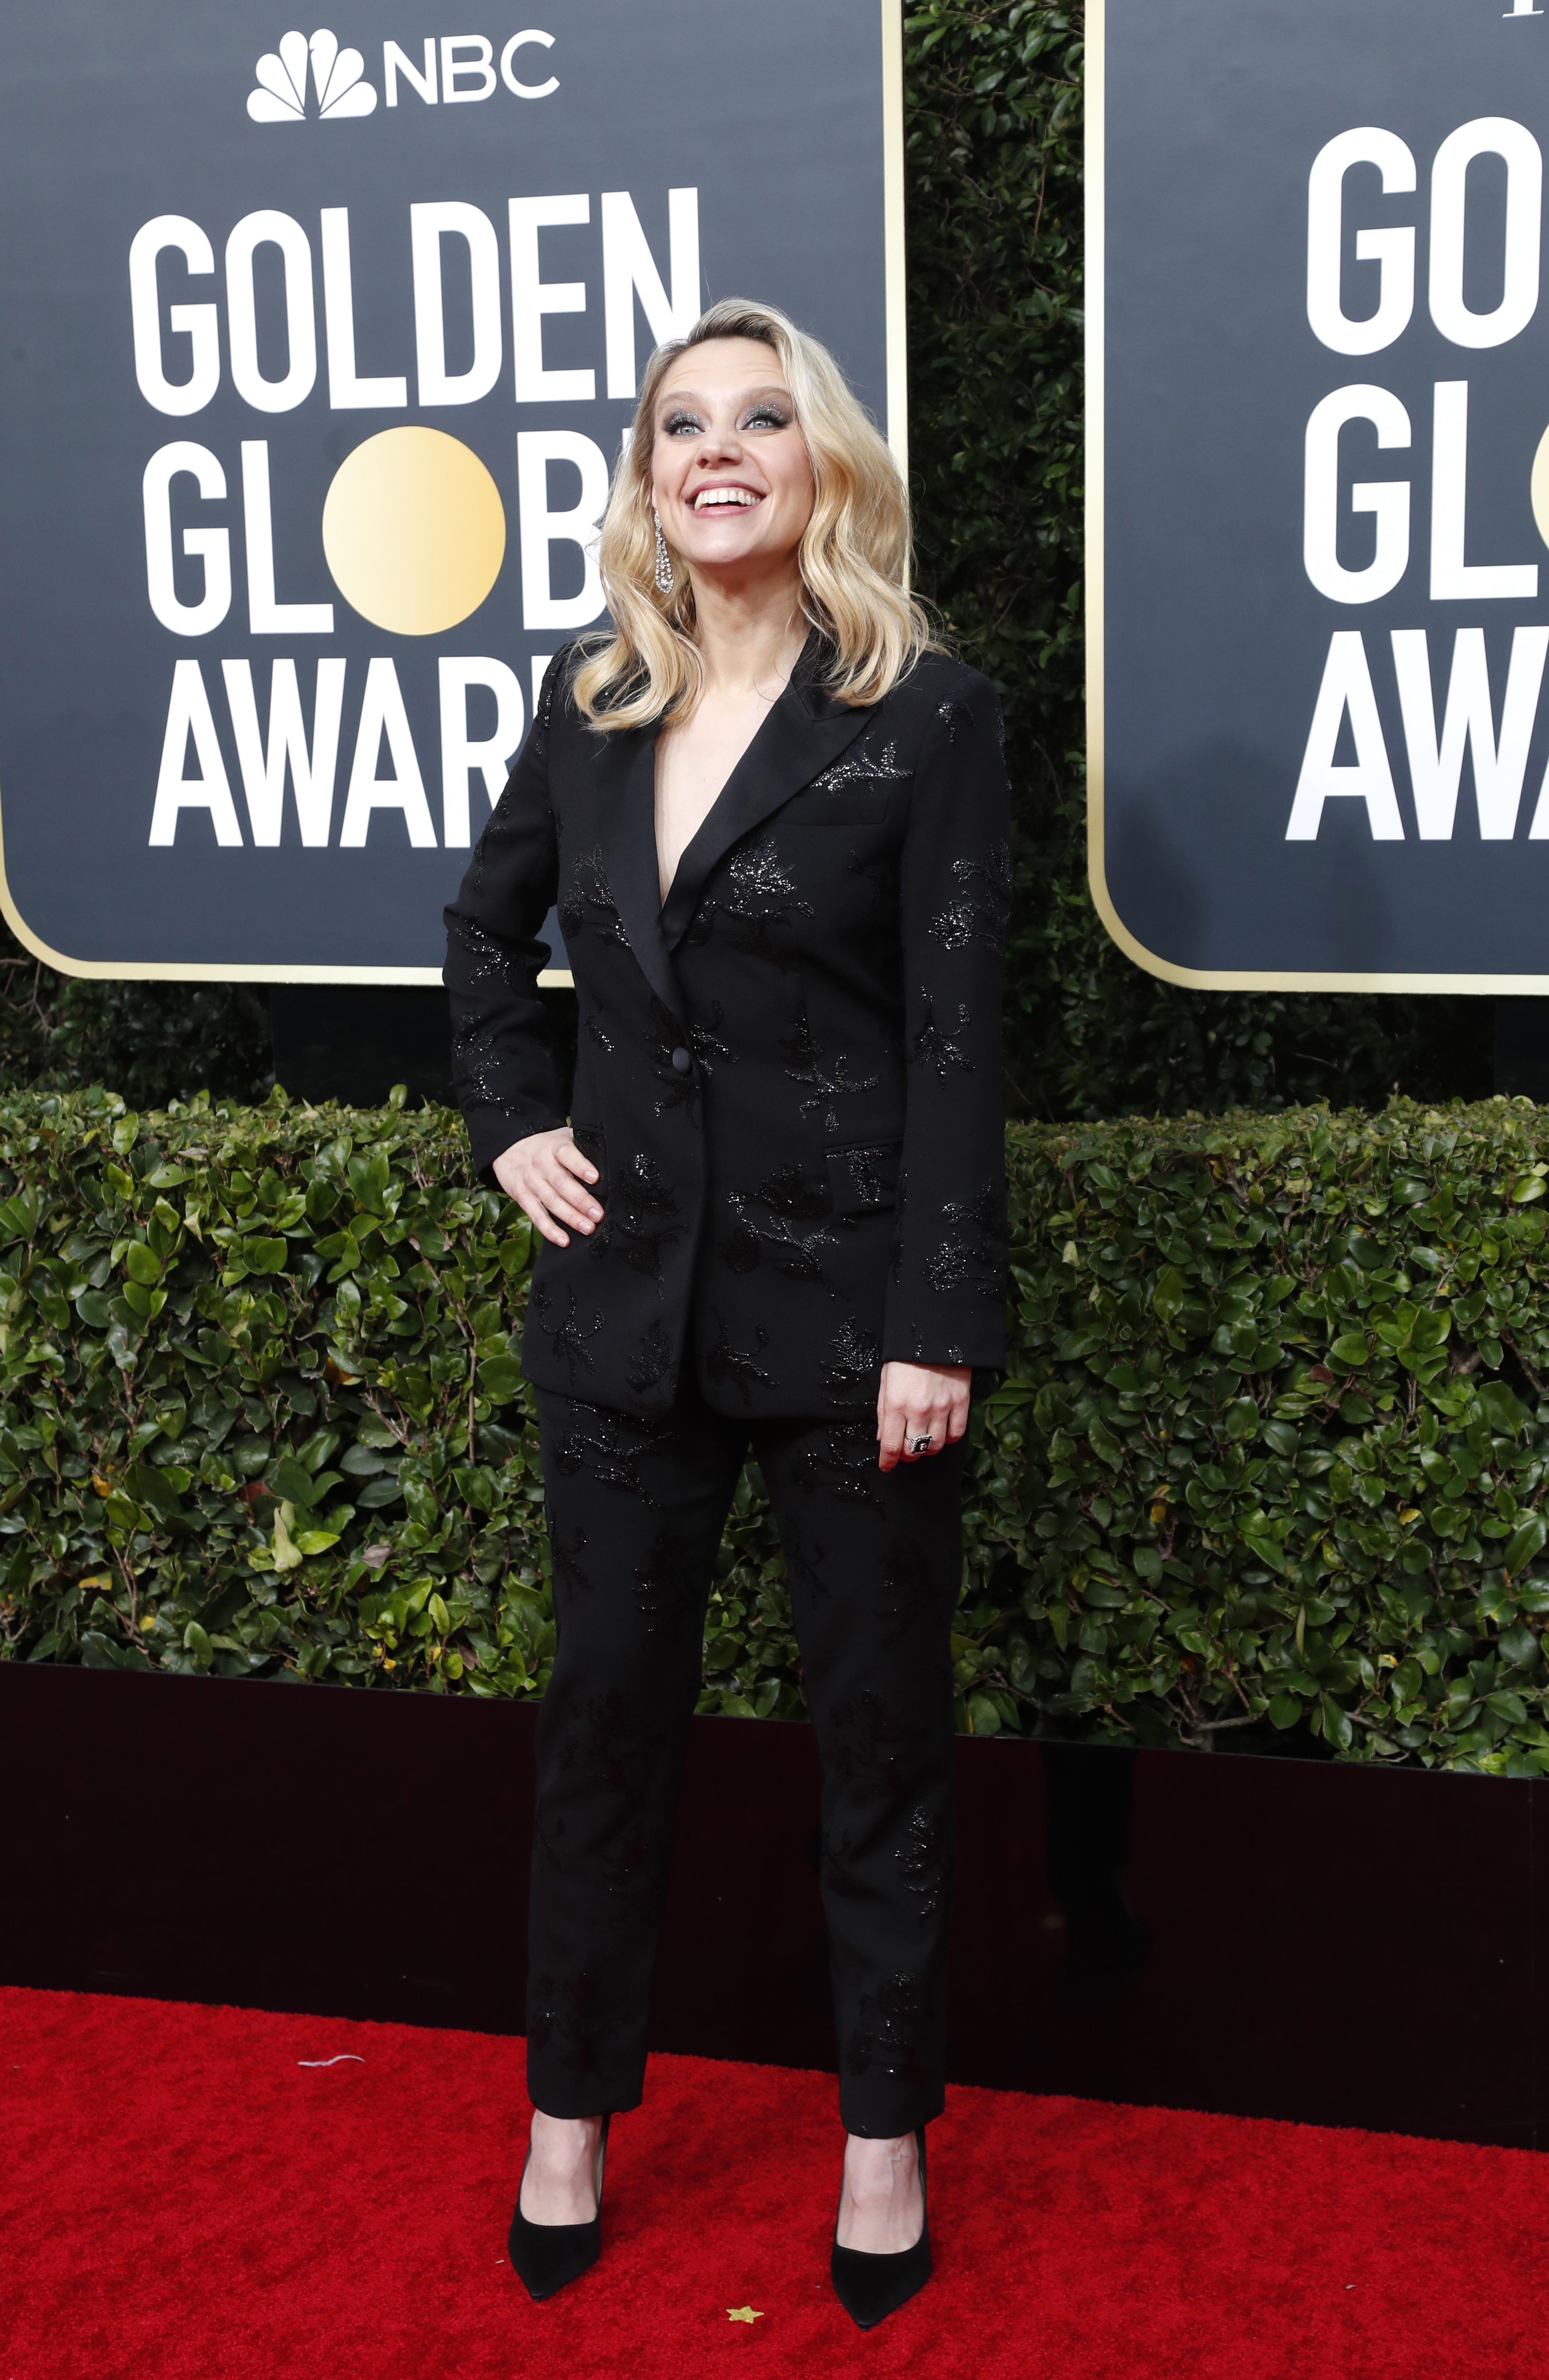 Kate McKinnon apostó a un look masculino y lució un esmoquin negro con detalles de paillettes. Completó su look con stilettos negros en punta de chiffón y aros gota